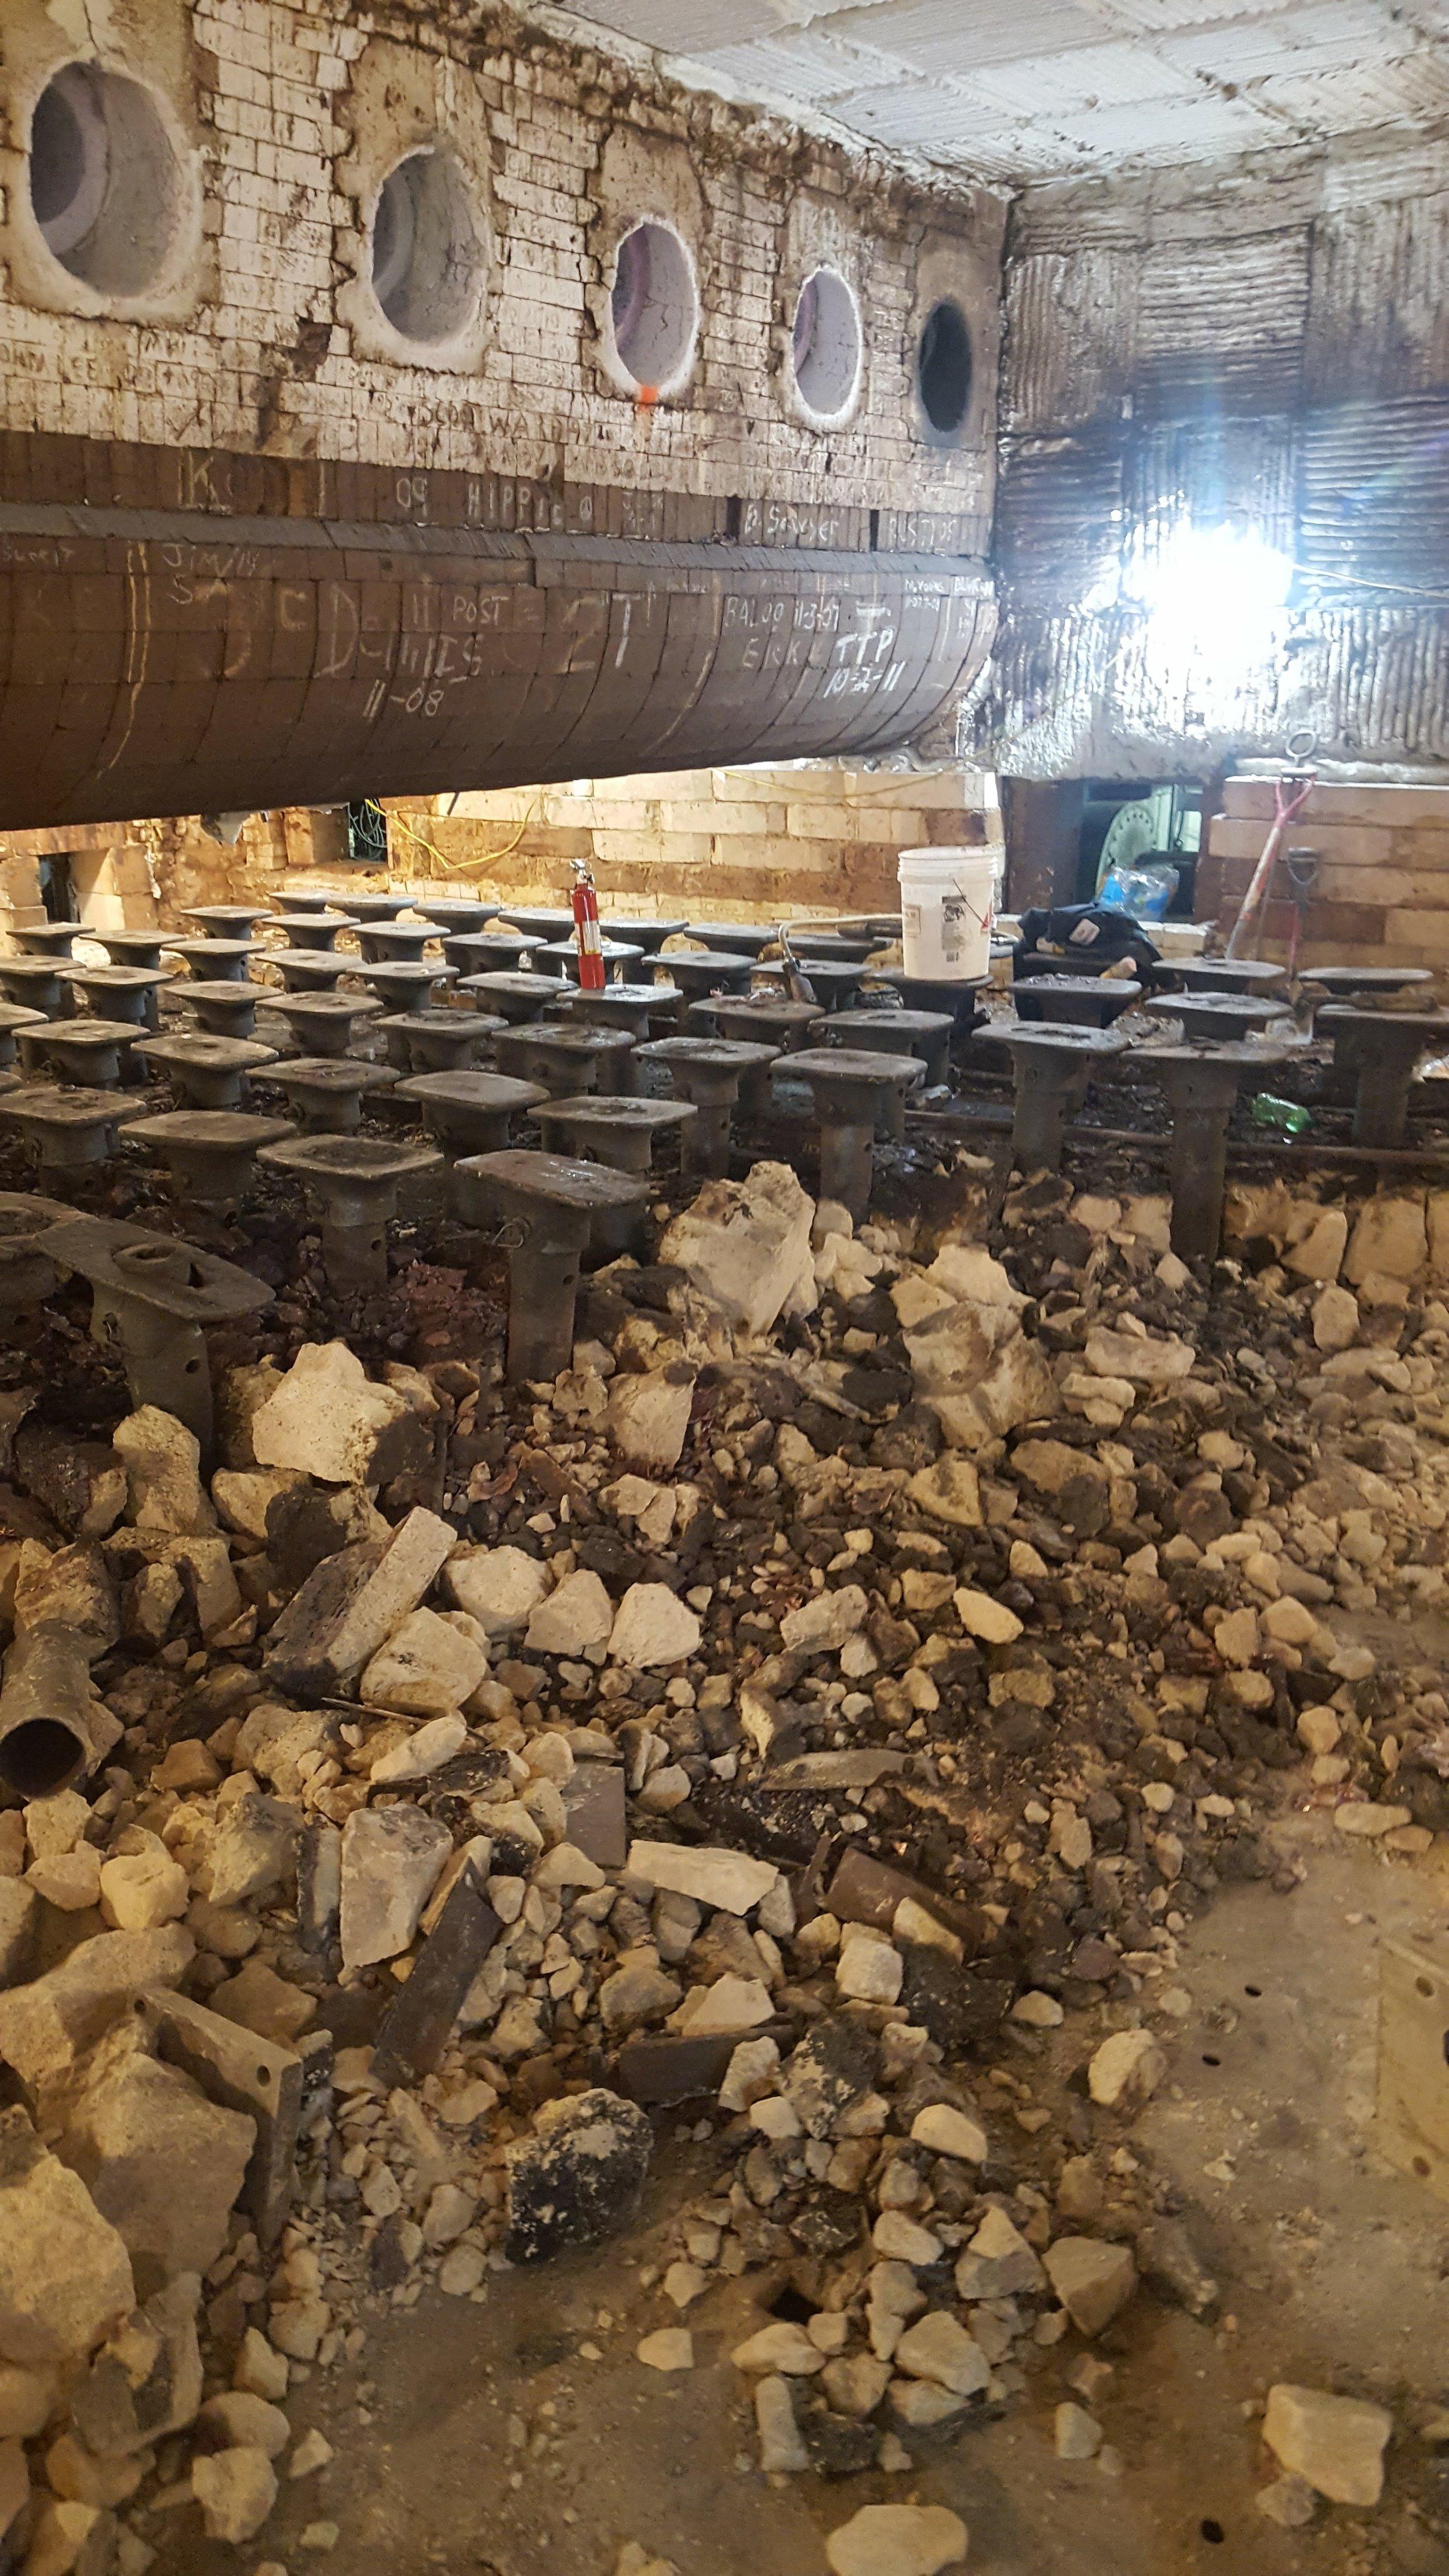 Walking Beam Furnace Floor Demolition in Progress